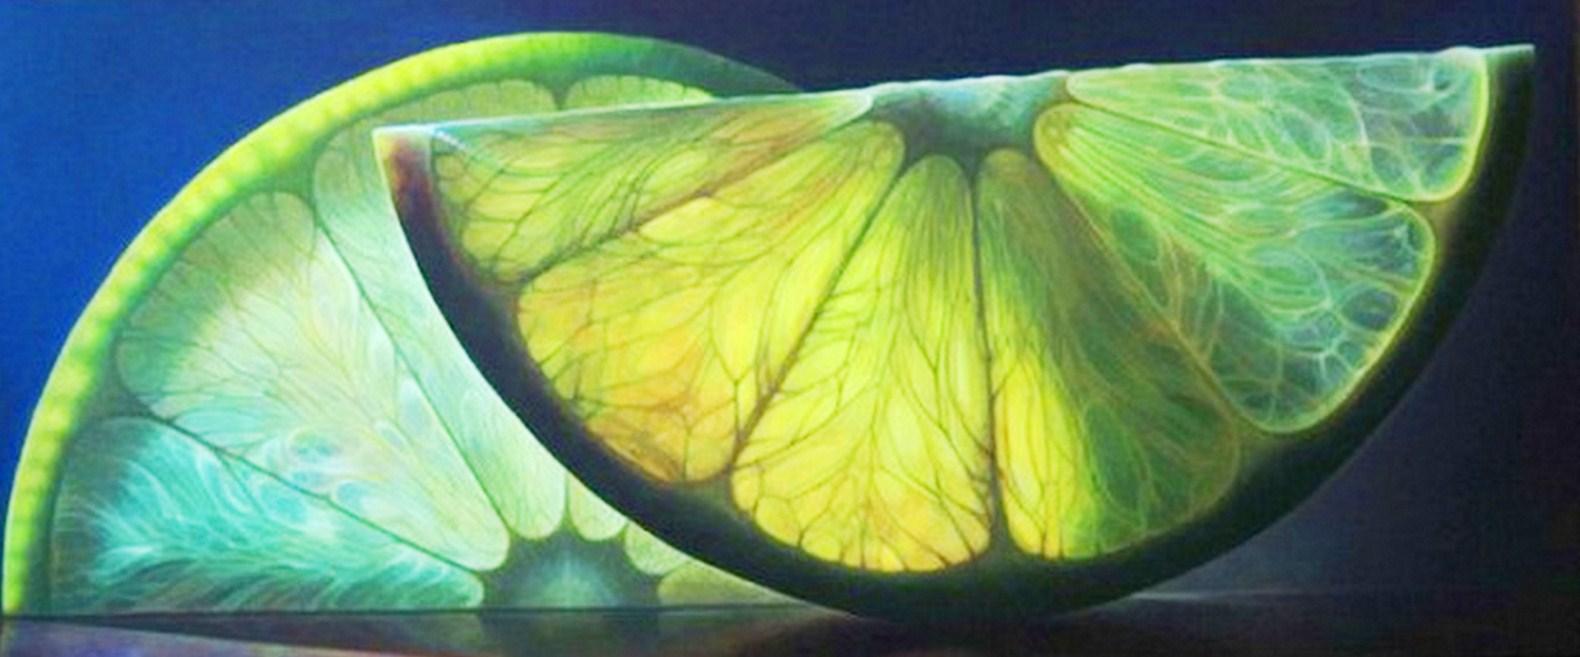 Im genes arte pinturas bodegones modernos al oleo de for Cuadros al oleo modernos para comedor